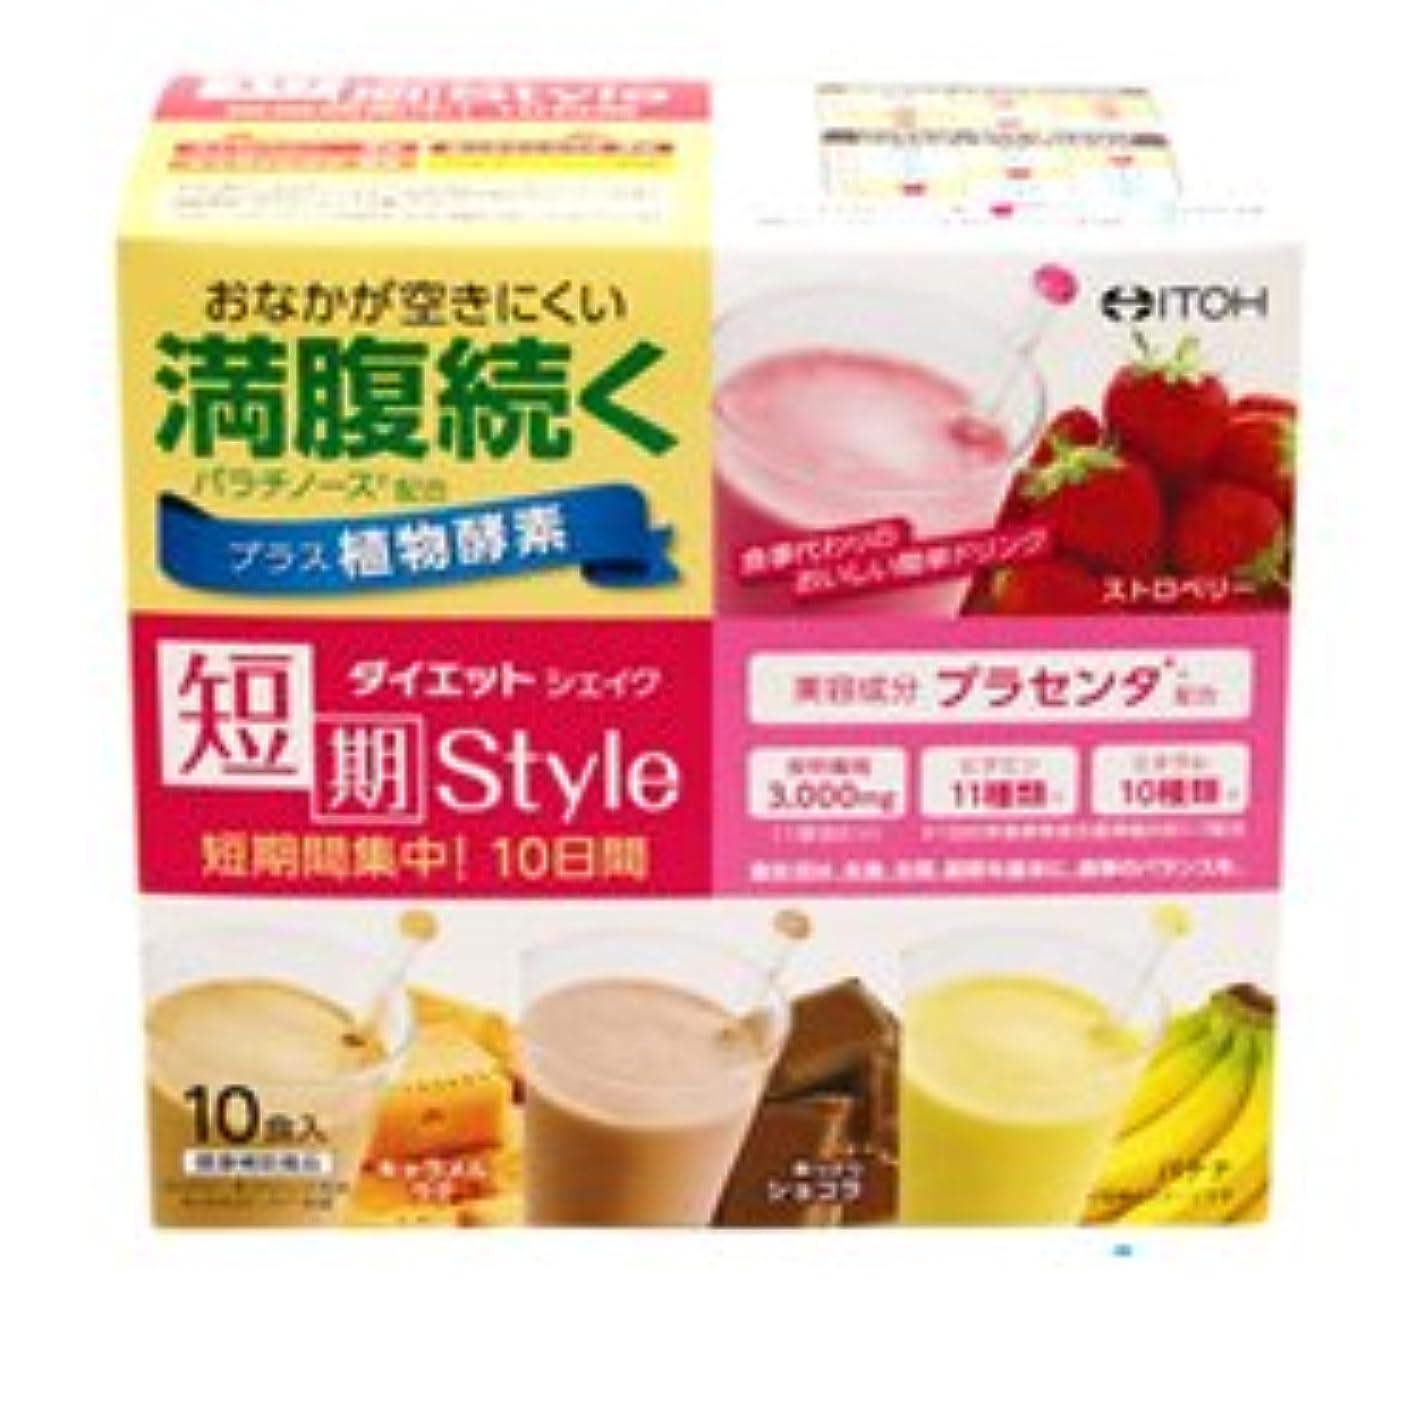 【井藤漢方製薬】短期スタイル ダイエットシェイク 10包 ×10個セット